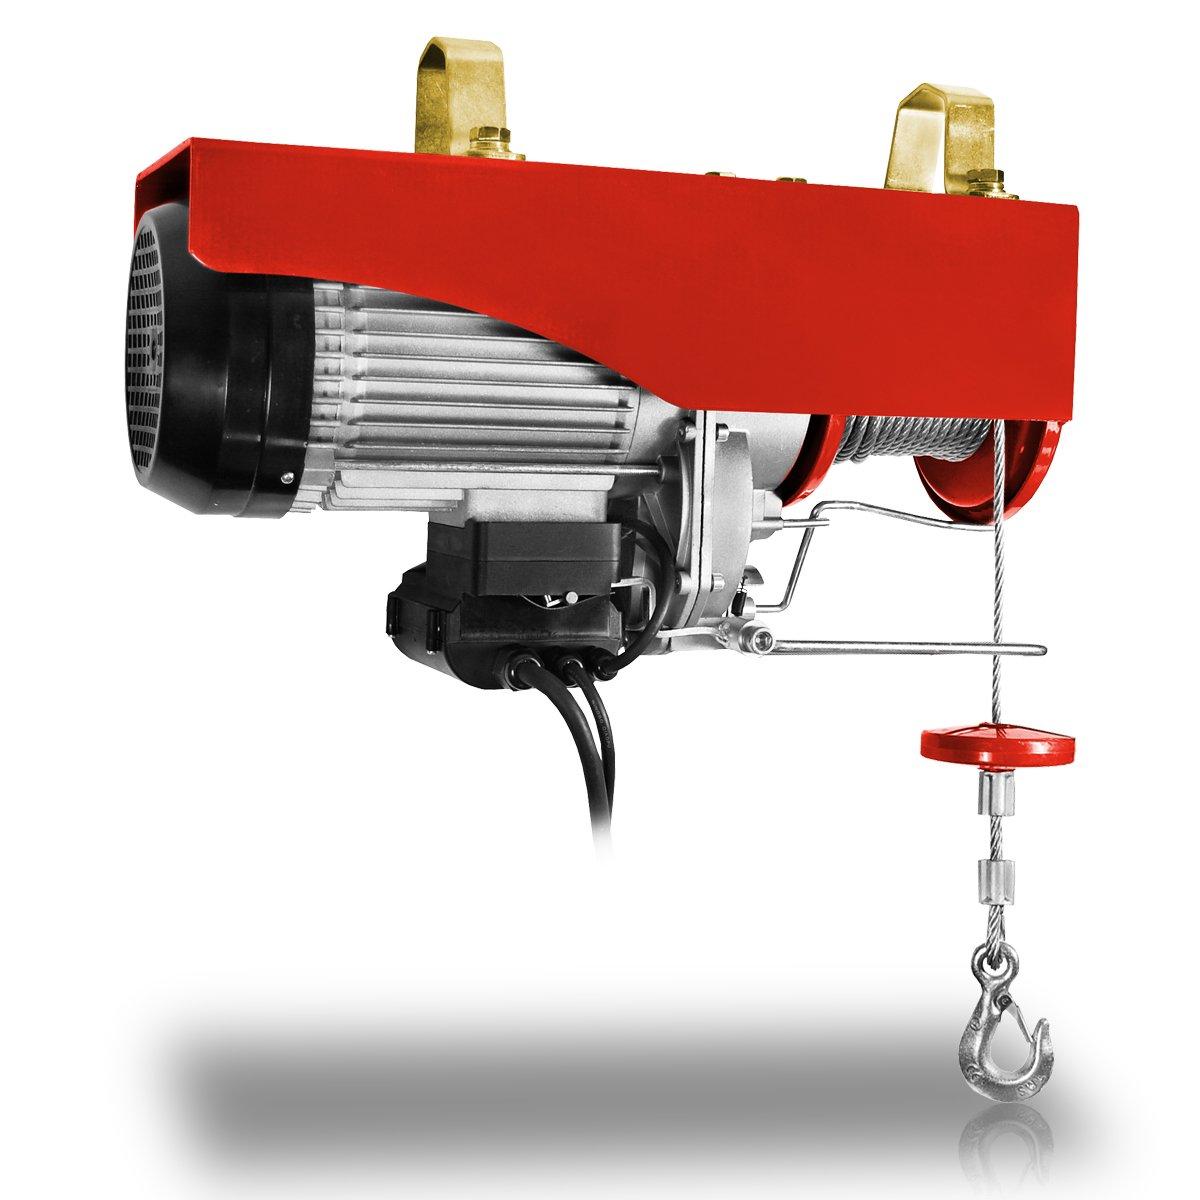 Berlan Seilhebezug BSZ1000A  BaumarktÜberprüfung und weitere Informationen